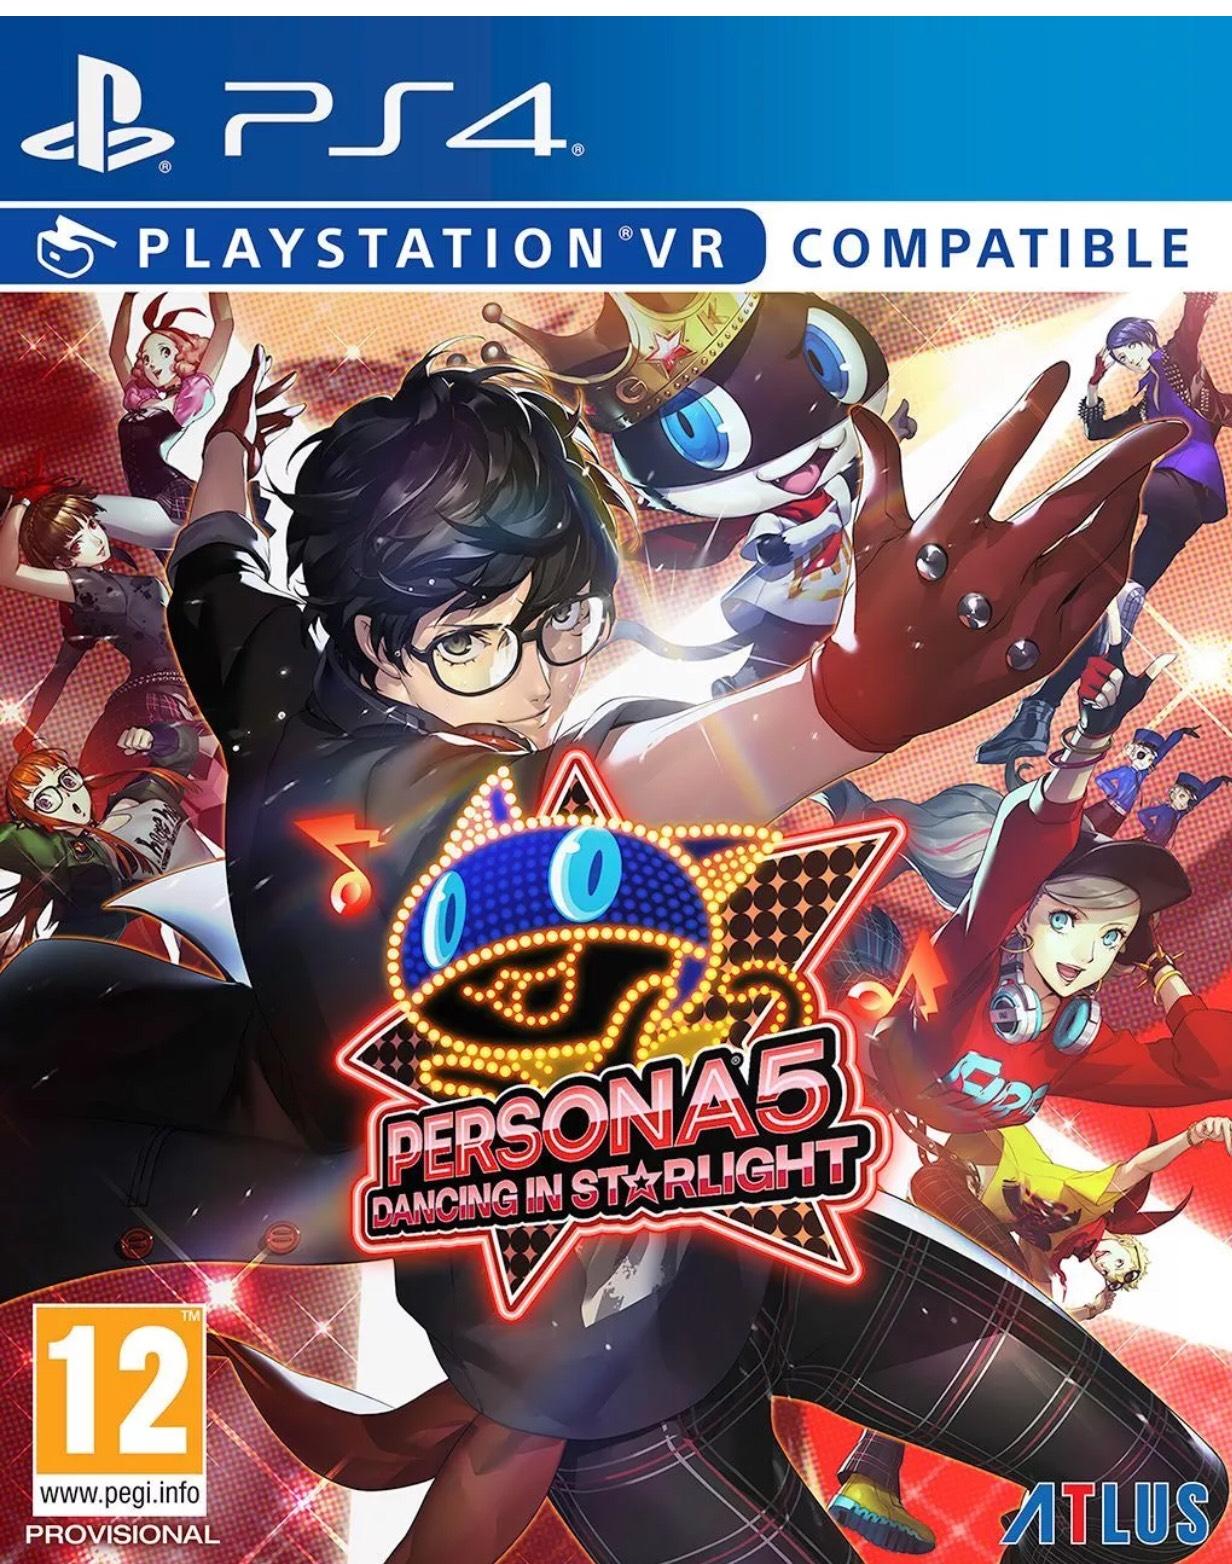 Persona 5 Dancing in Starlight/ Persona 3 Dancing in Moonlight (PS4) £34.85 each @ ebay via bossdeals